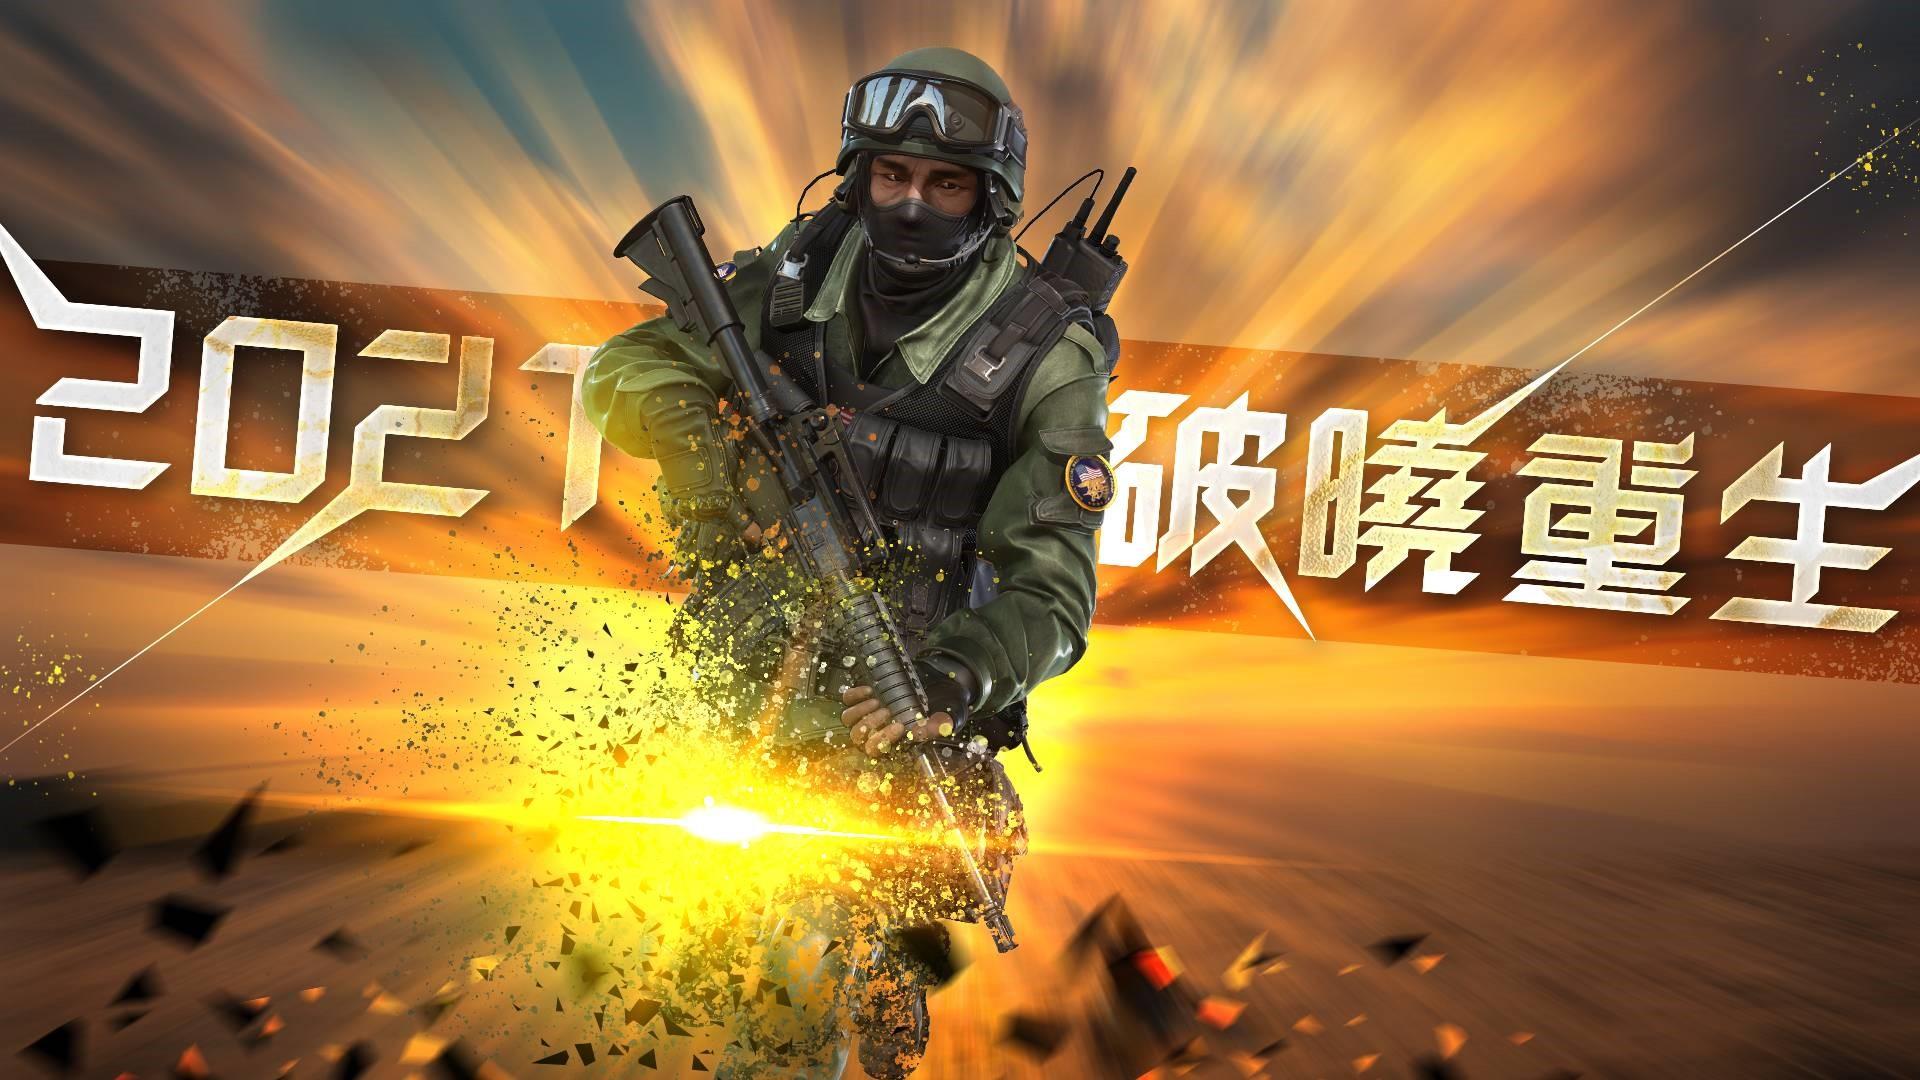 07.《CSO絕對武力》全新形象網頁.jp g